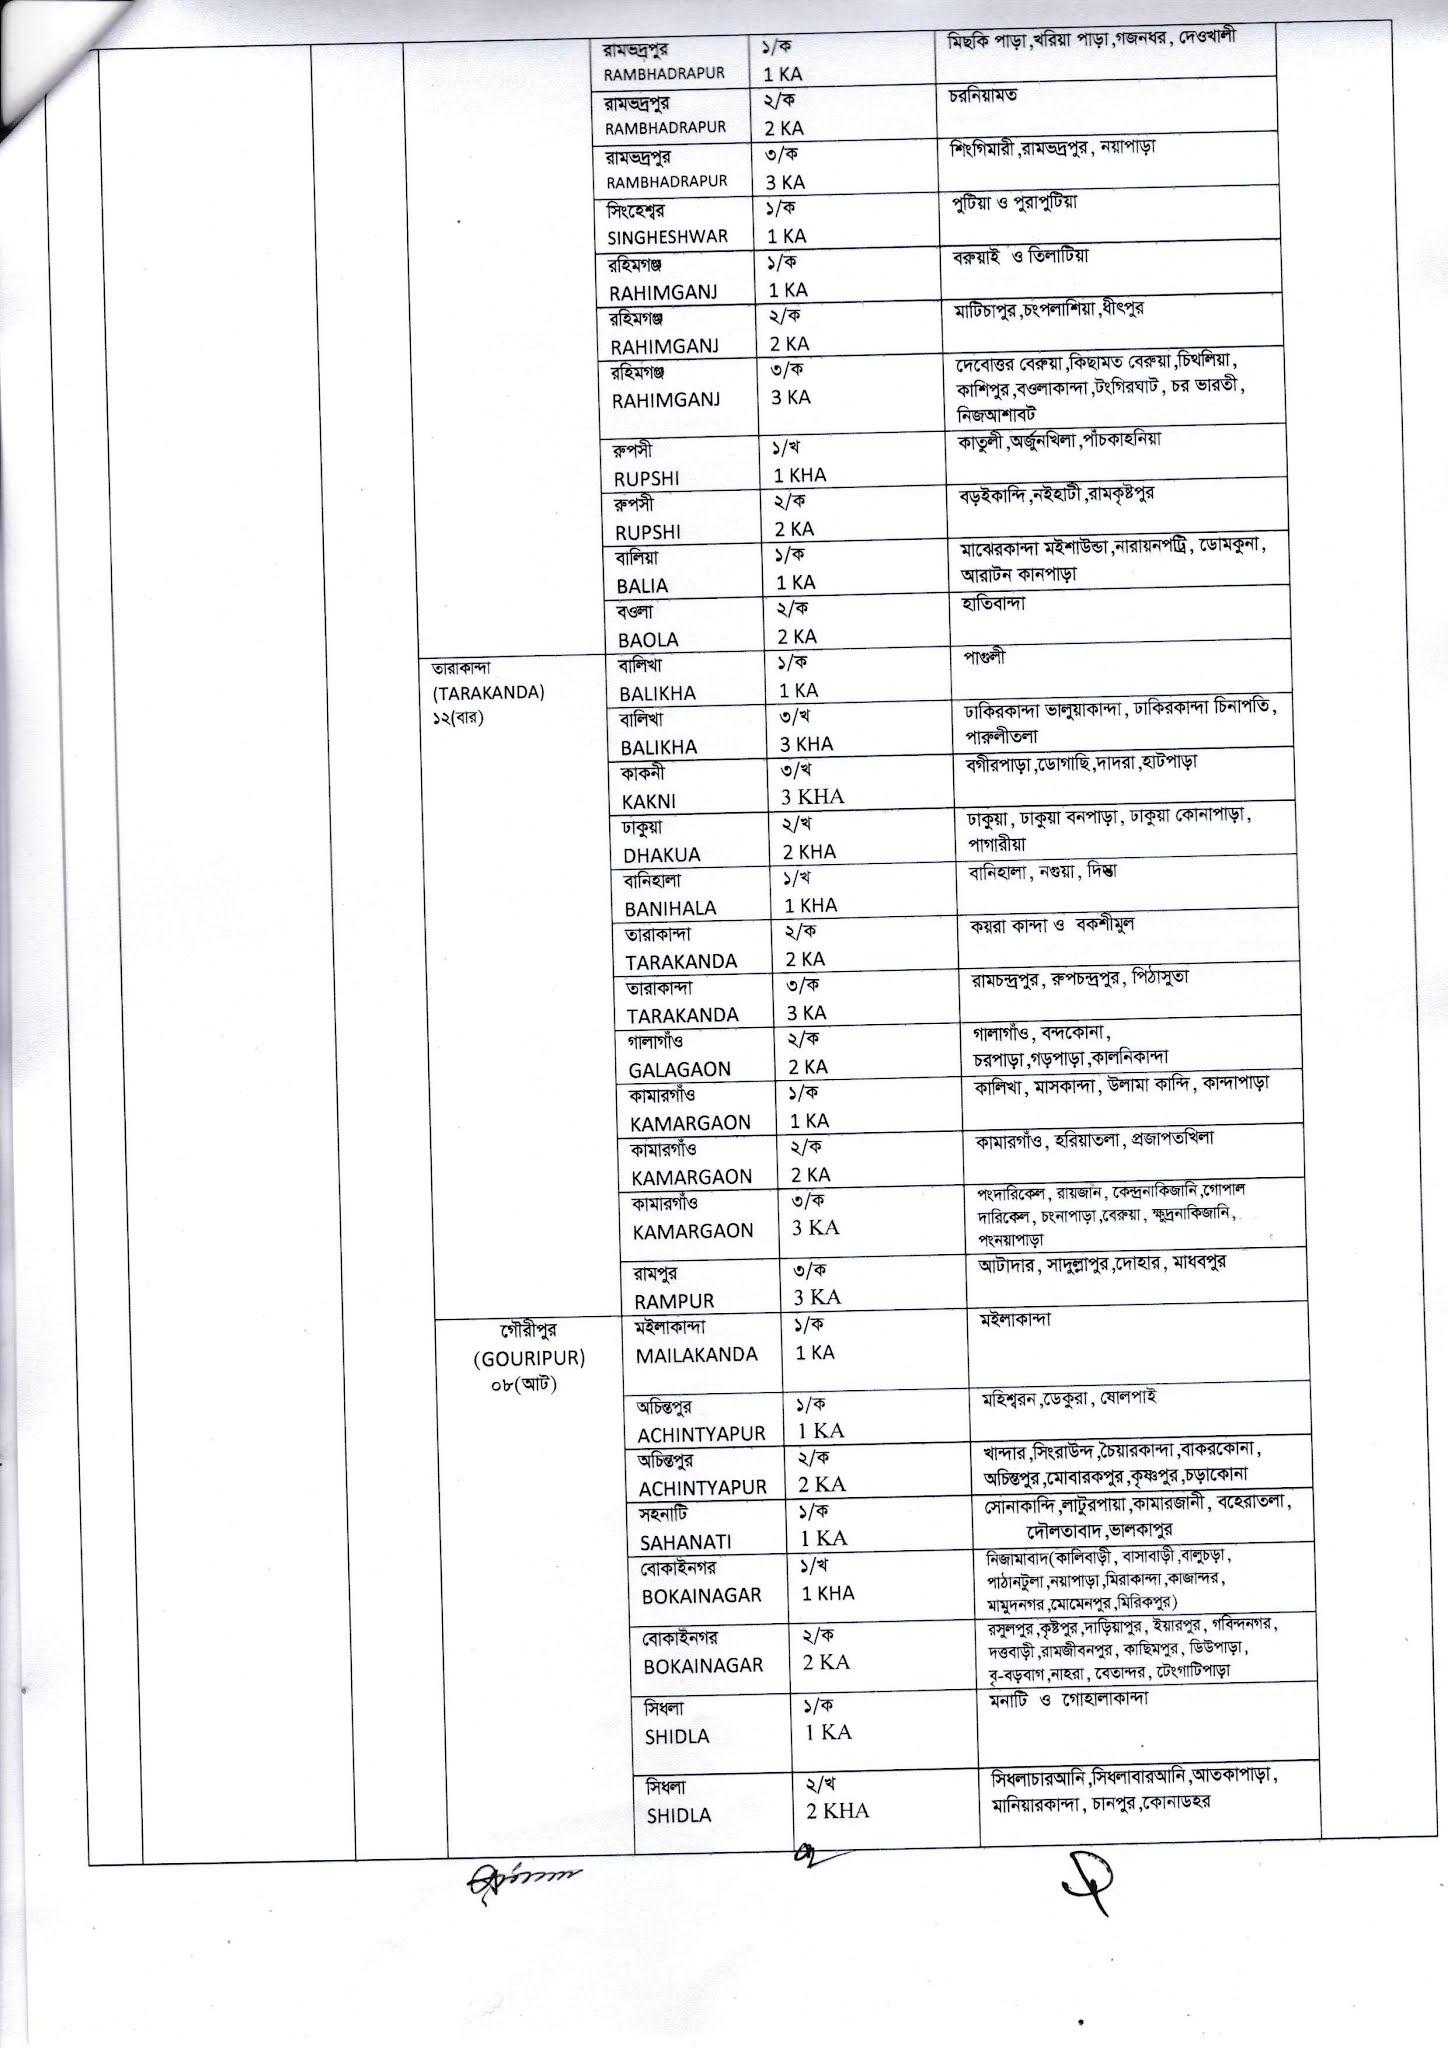 ময়মনসিংহ জেলা পরিবার পরিকল্পনা নিয়োগ বিজ্ঞপ্তি